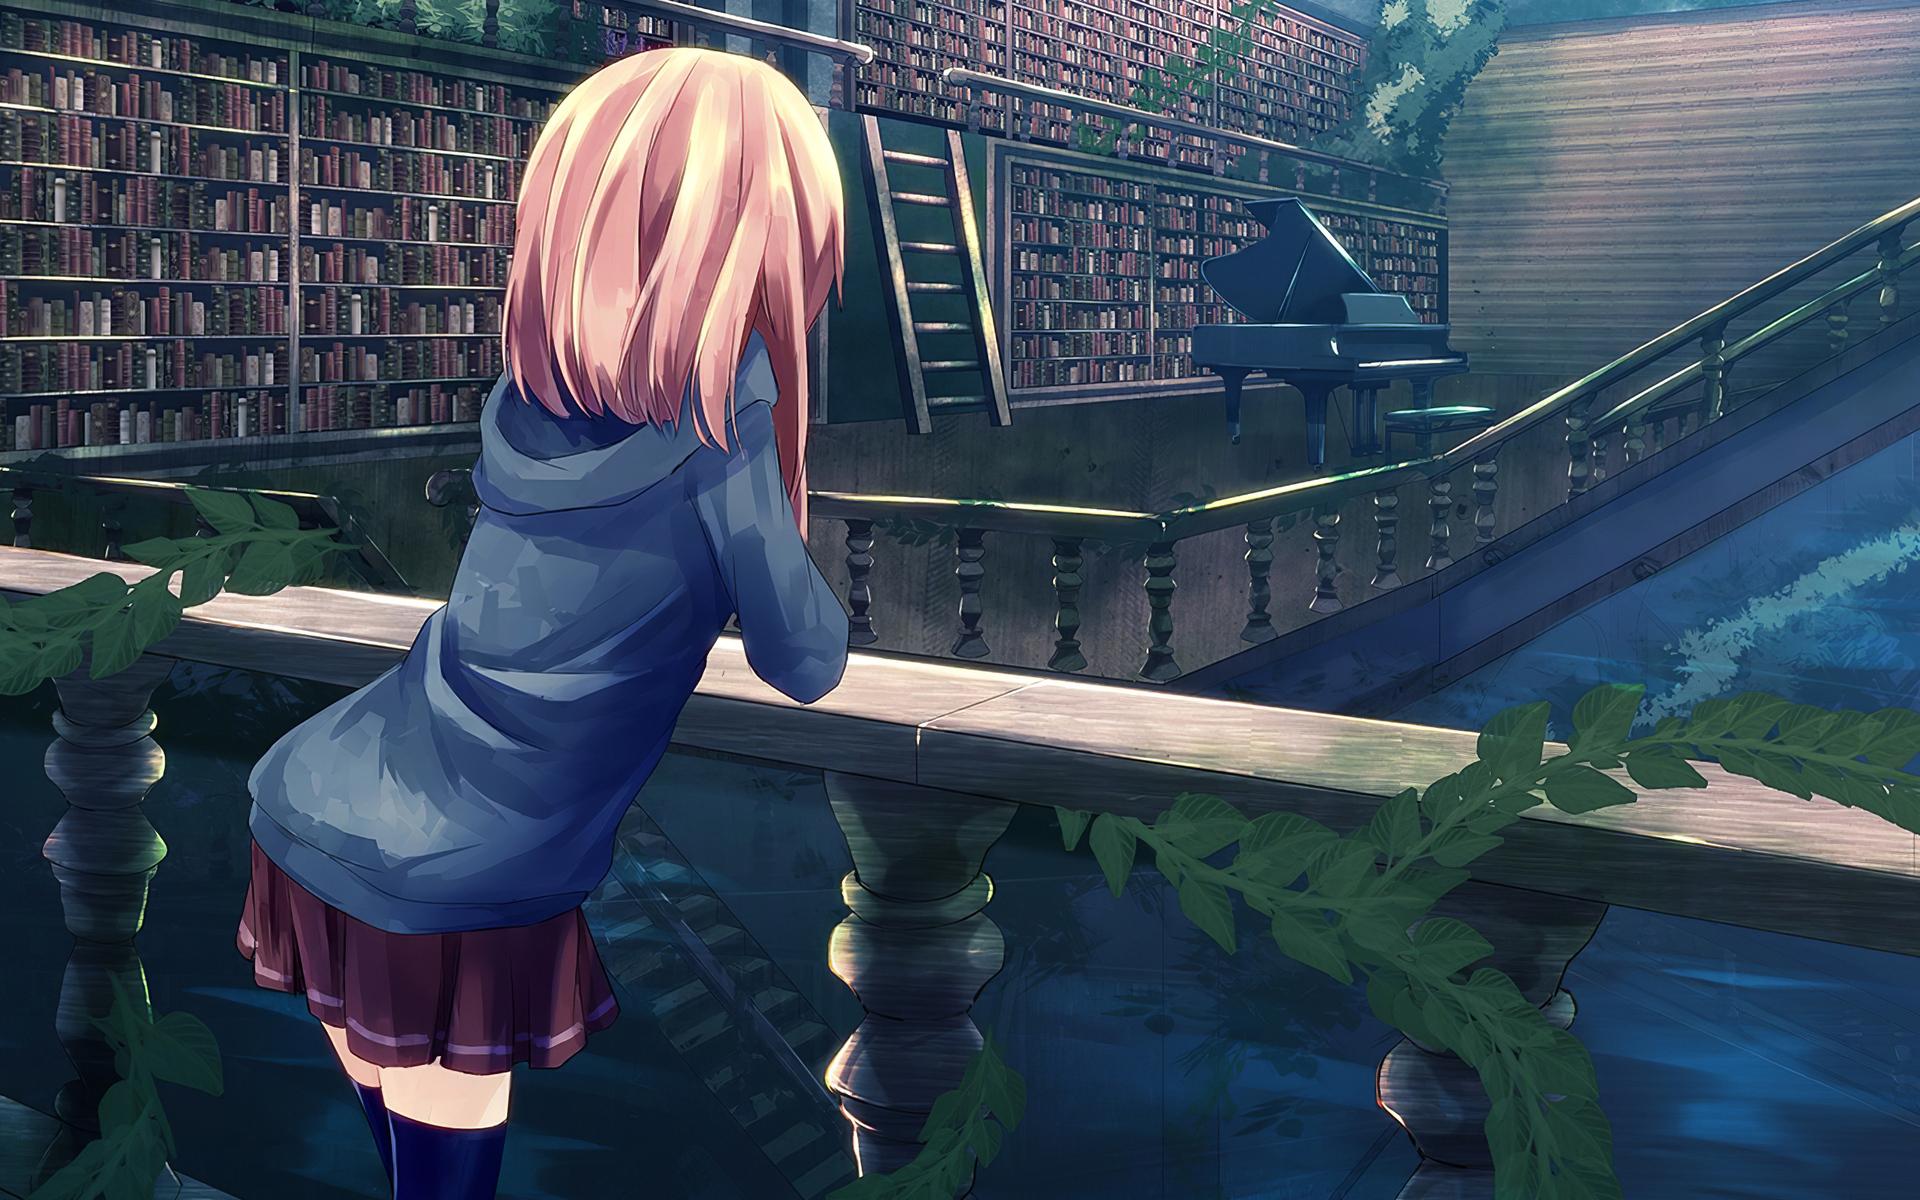 anime-girl-library-ms.jpg